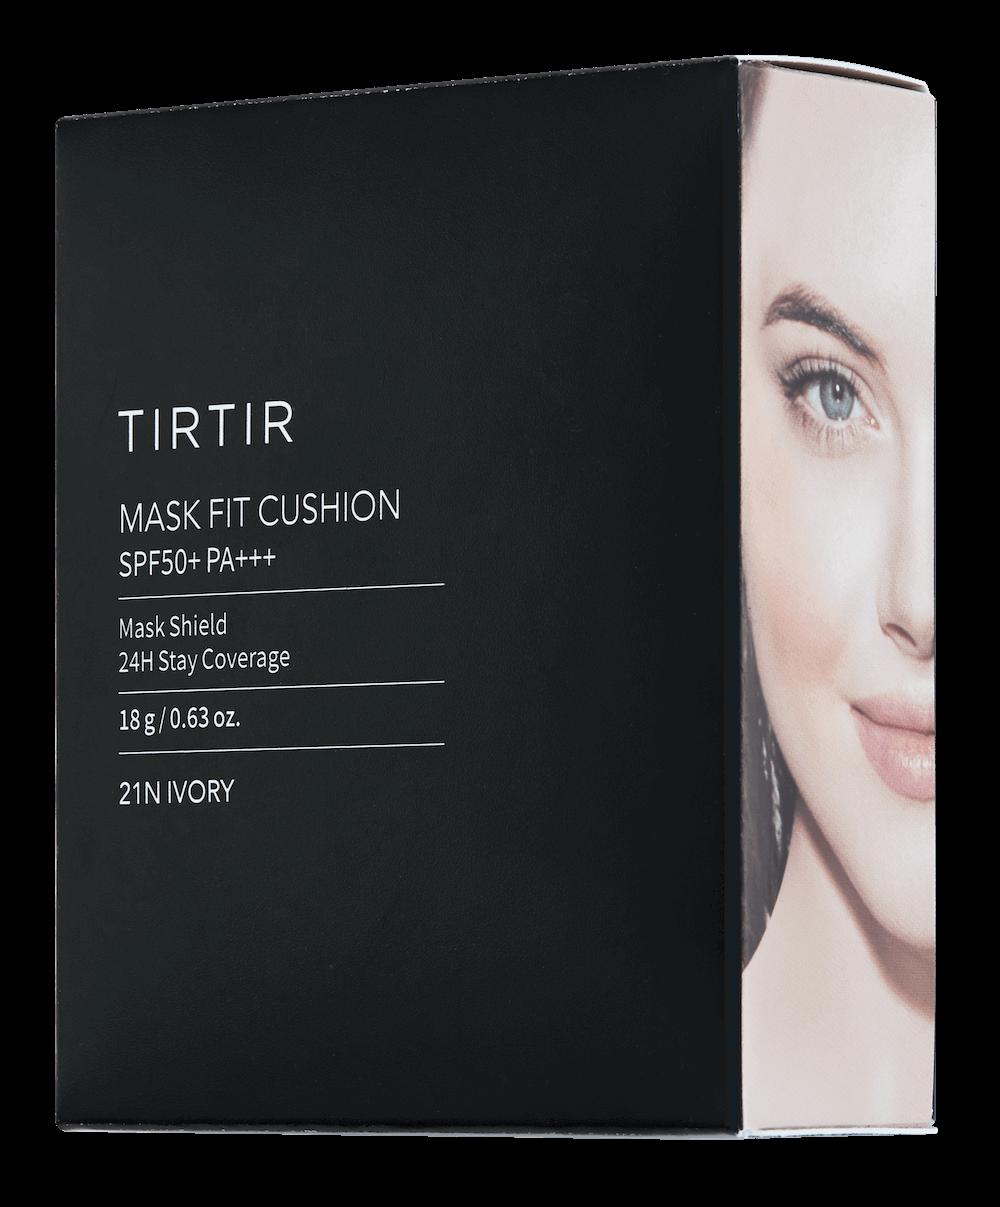 TIRTIR(ティルティル)のマスクフィットクッションのパッケージデザイン